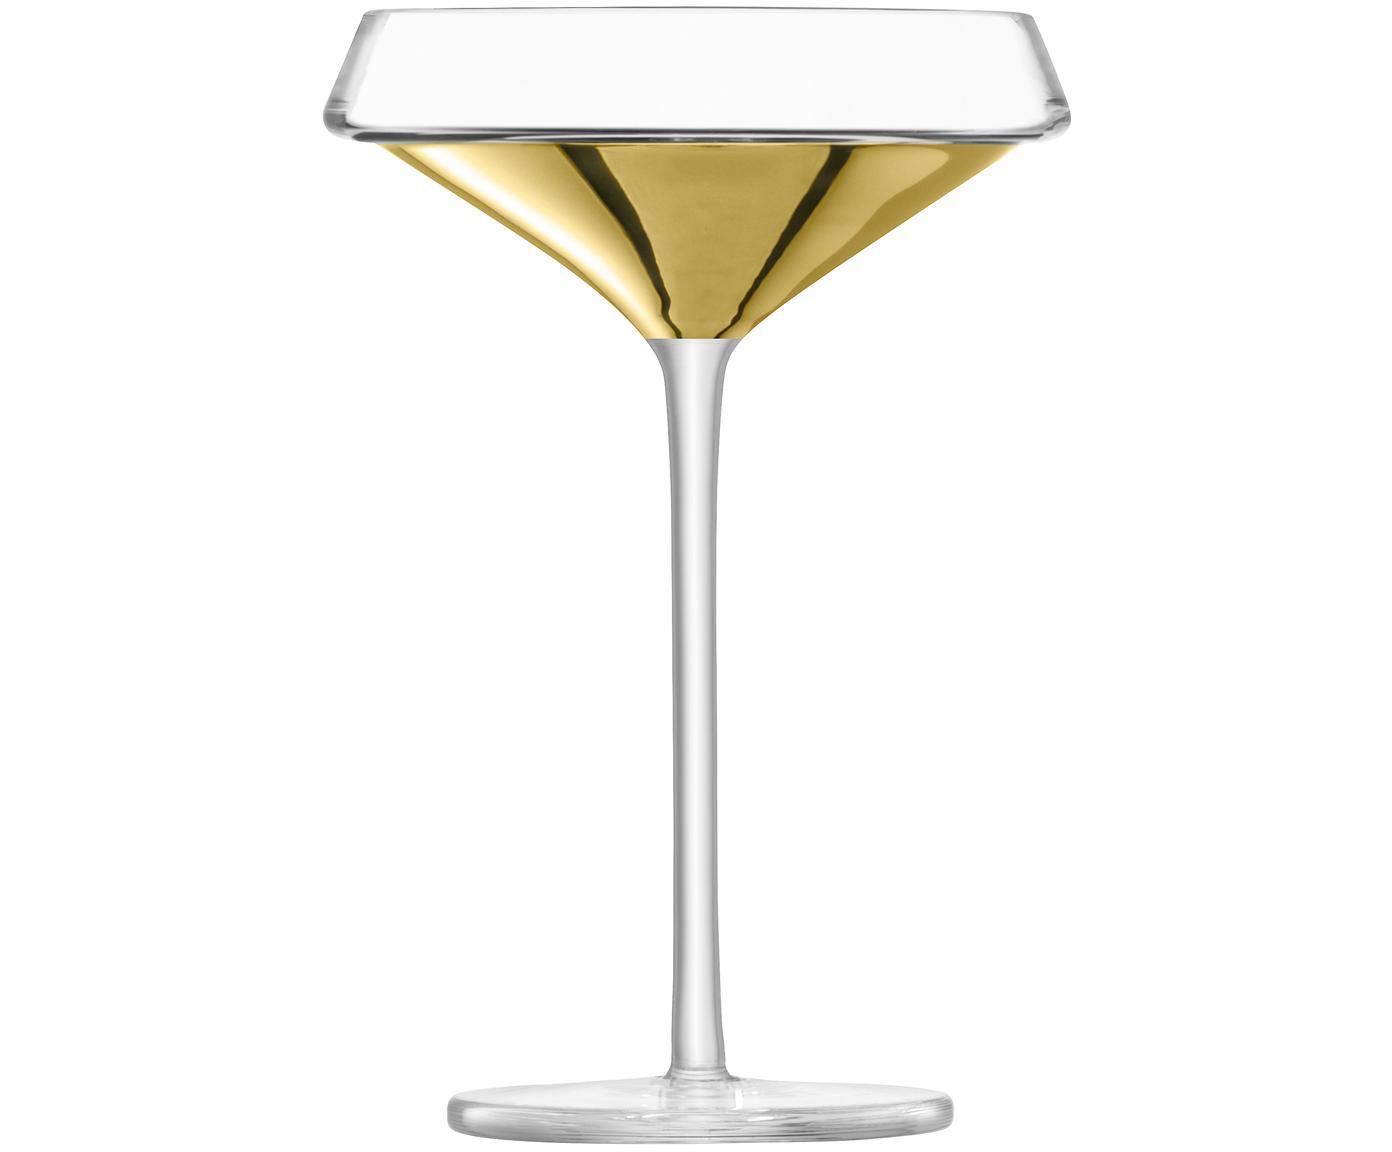 Kieliszek do szampana ze szkła dmuchanego Space, 2 szt., Szkło, Transparentny, odcienie złotego, Ø 12 x W 18 cm